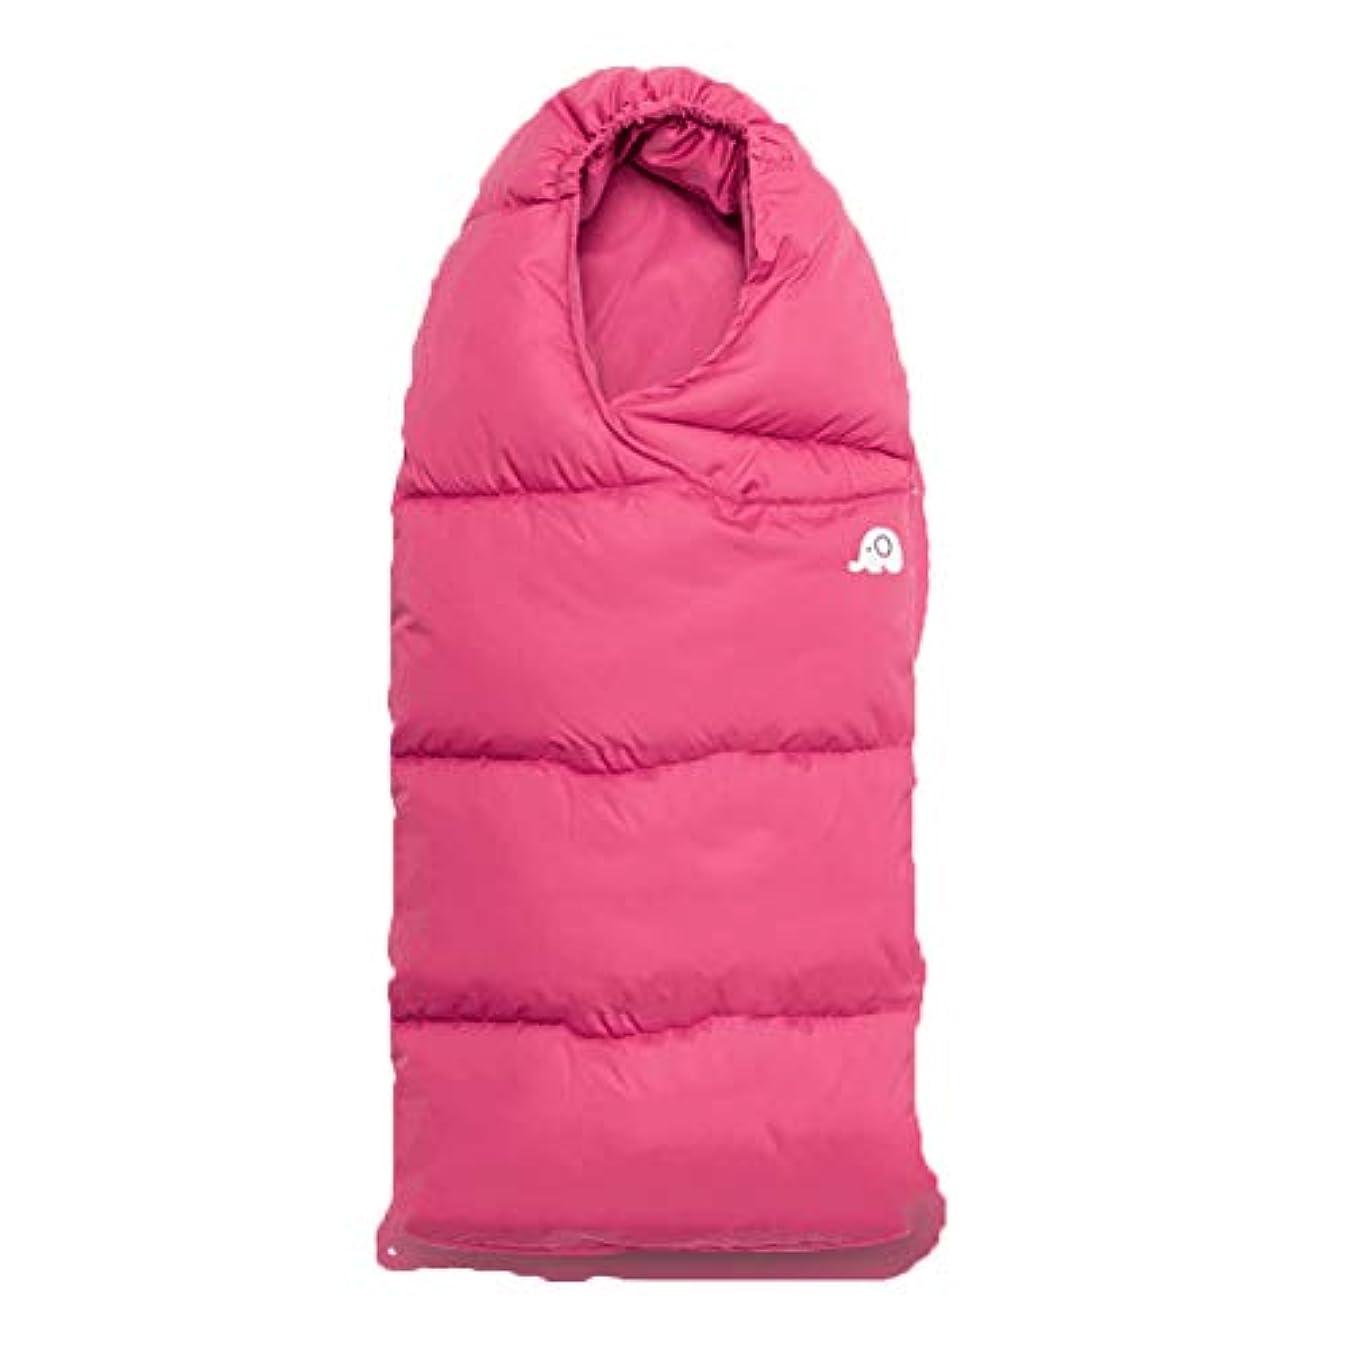 別れる意図貫通するバッグ、秋冬用の寝袋肥厚赤ちゃん、子供暖かいとアンチ蹴るアーティファクト、新生児ハグキルト、外出ハグキルトスリーピングベイビー